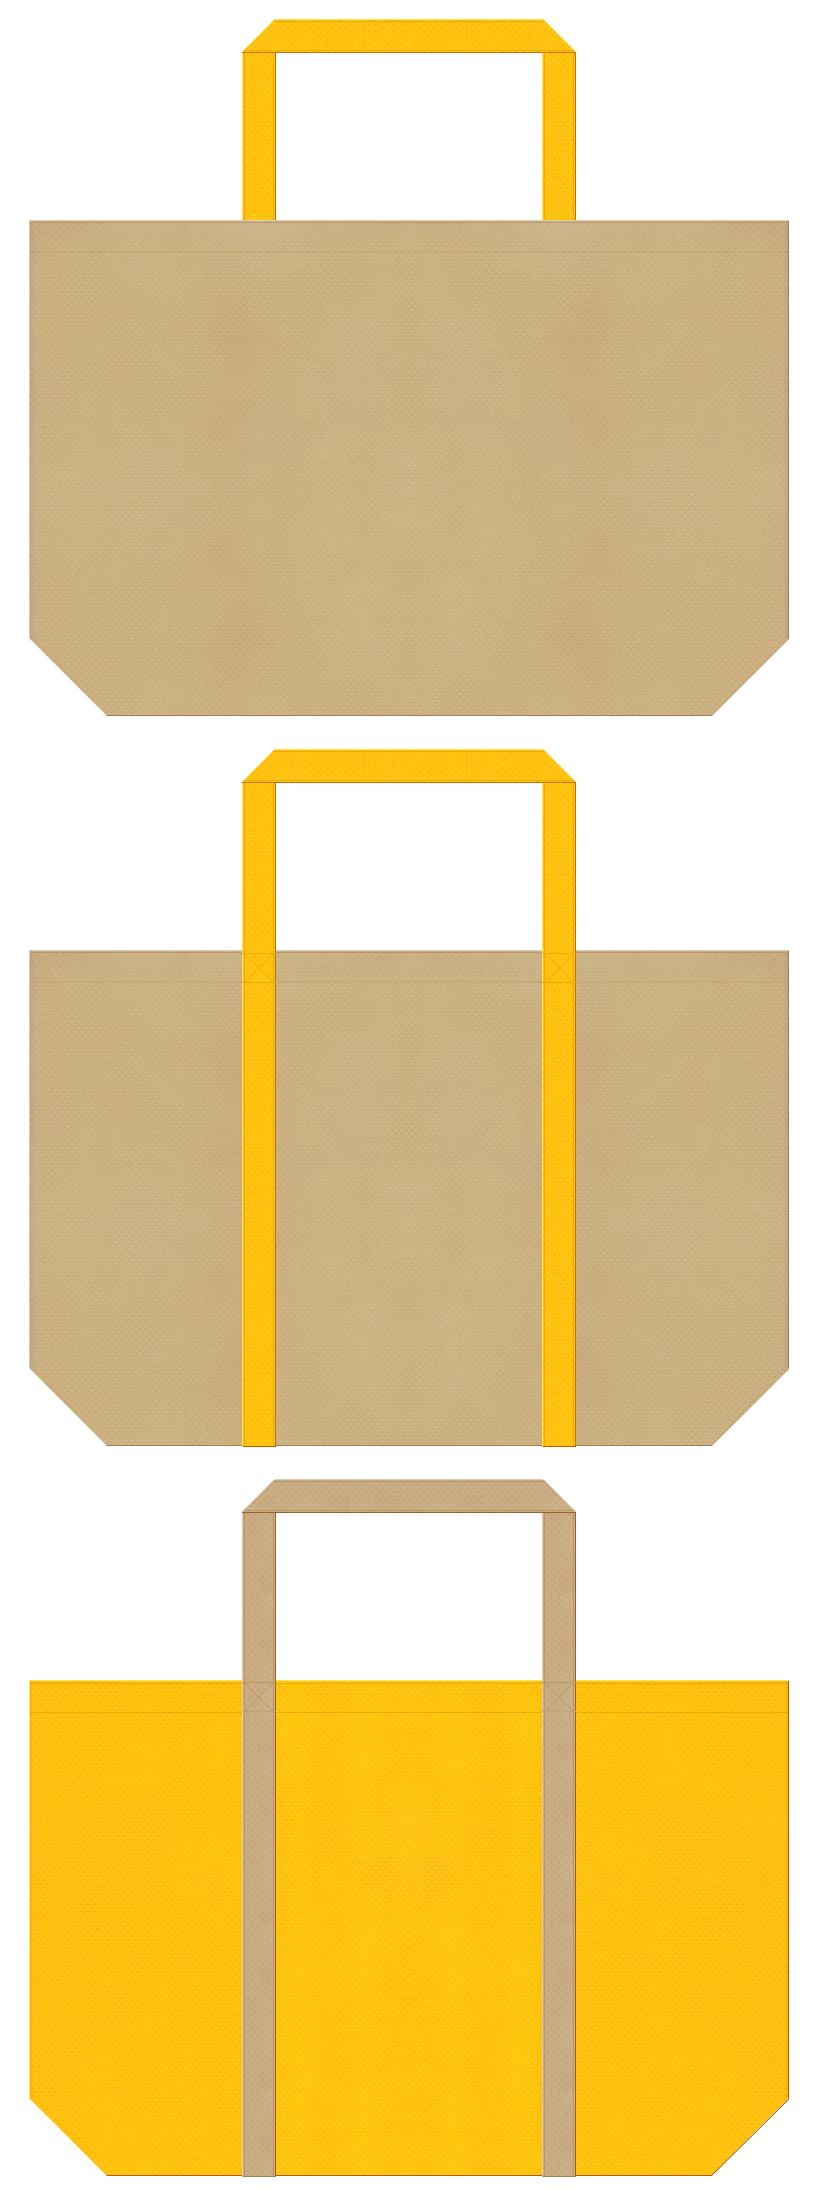 はちみつ・バター・マロンケーキ・スイーツ・ベーカリーのショッピングバッグにお奨めの不織布バッグデザイン:カーキ色と黄色のコーデ